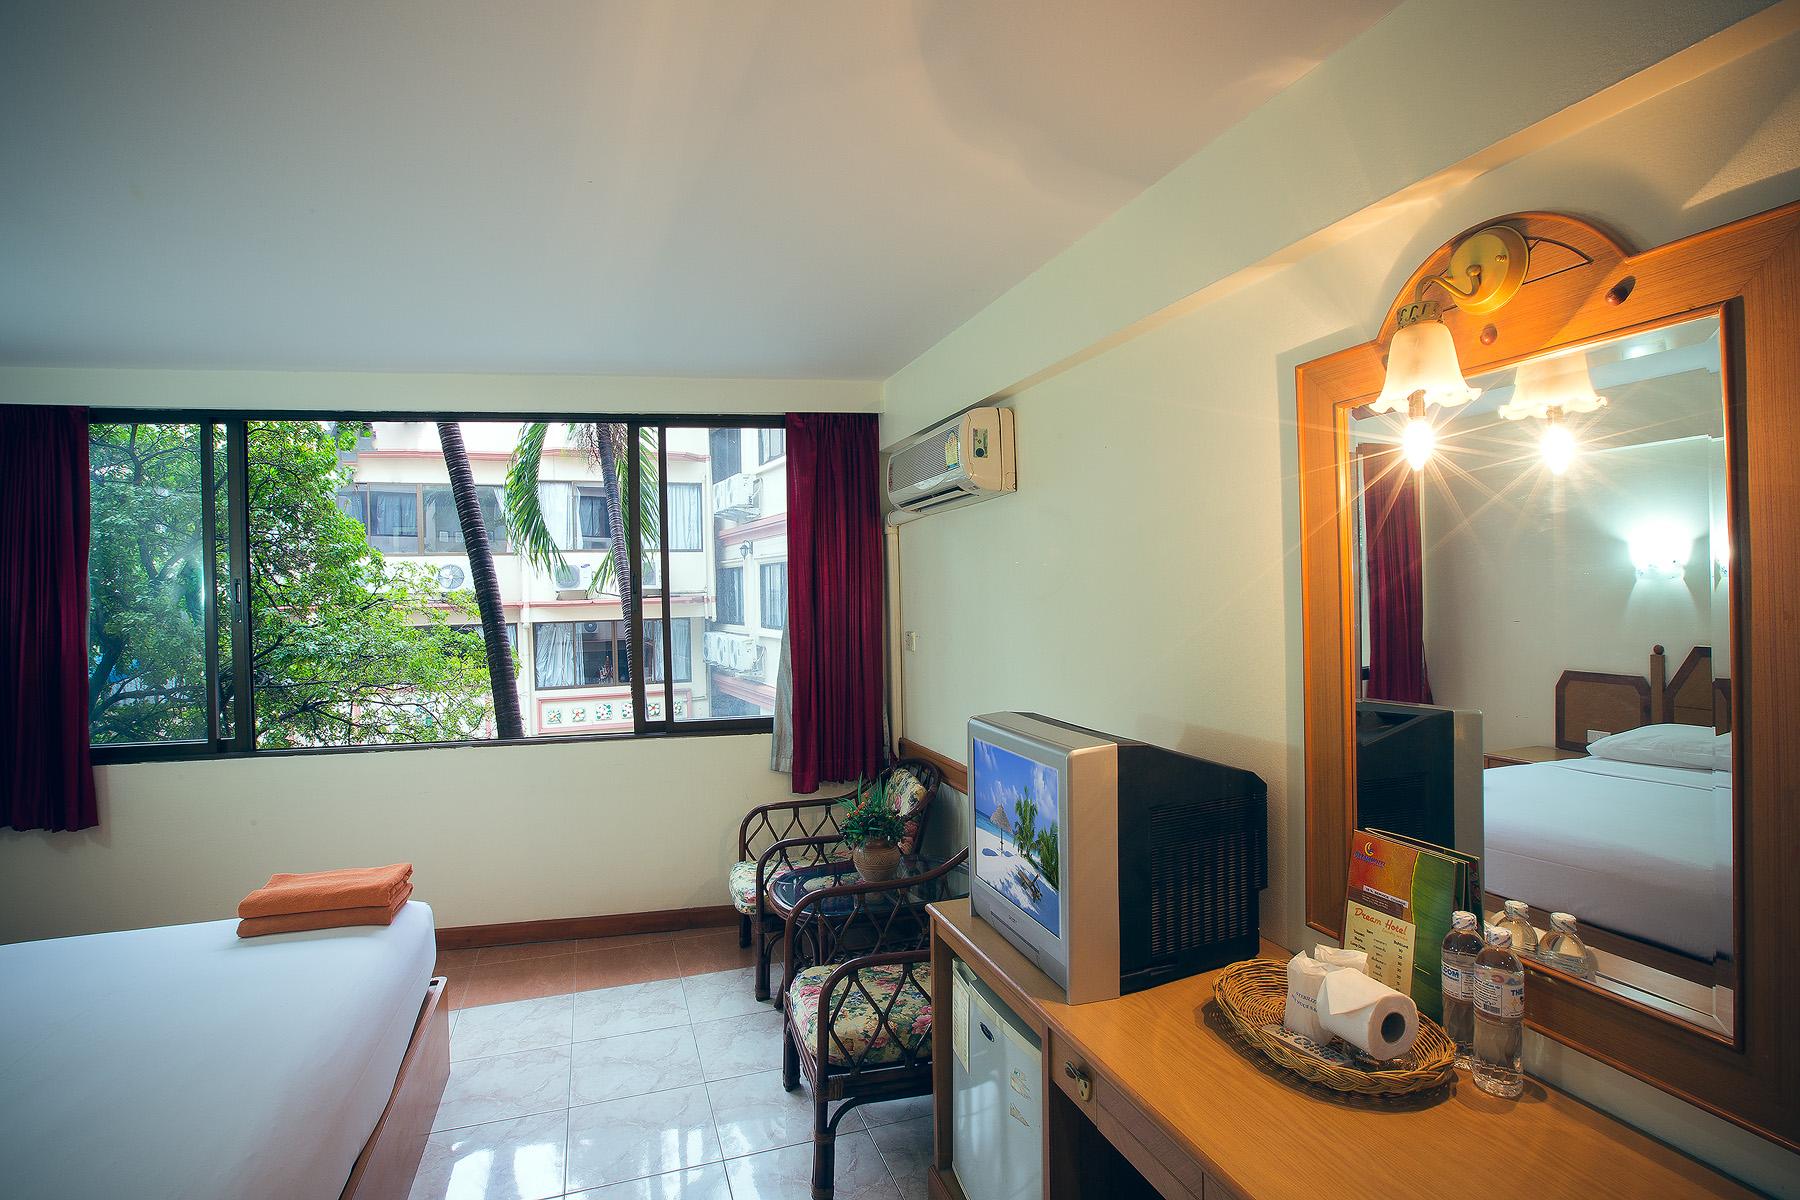 Dream Hotel Pattaya Standard Room